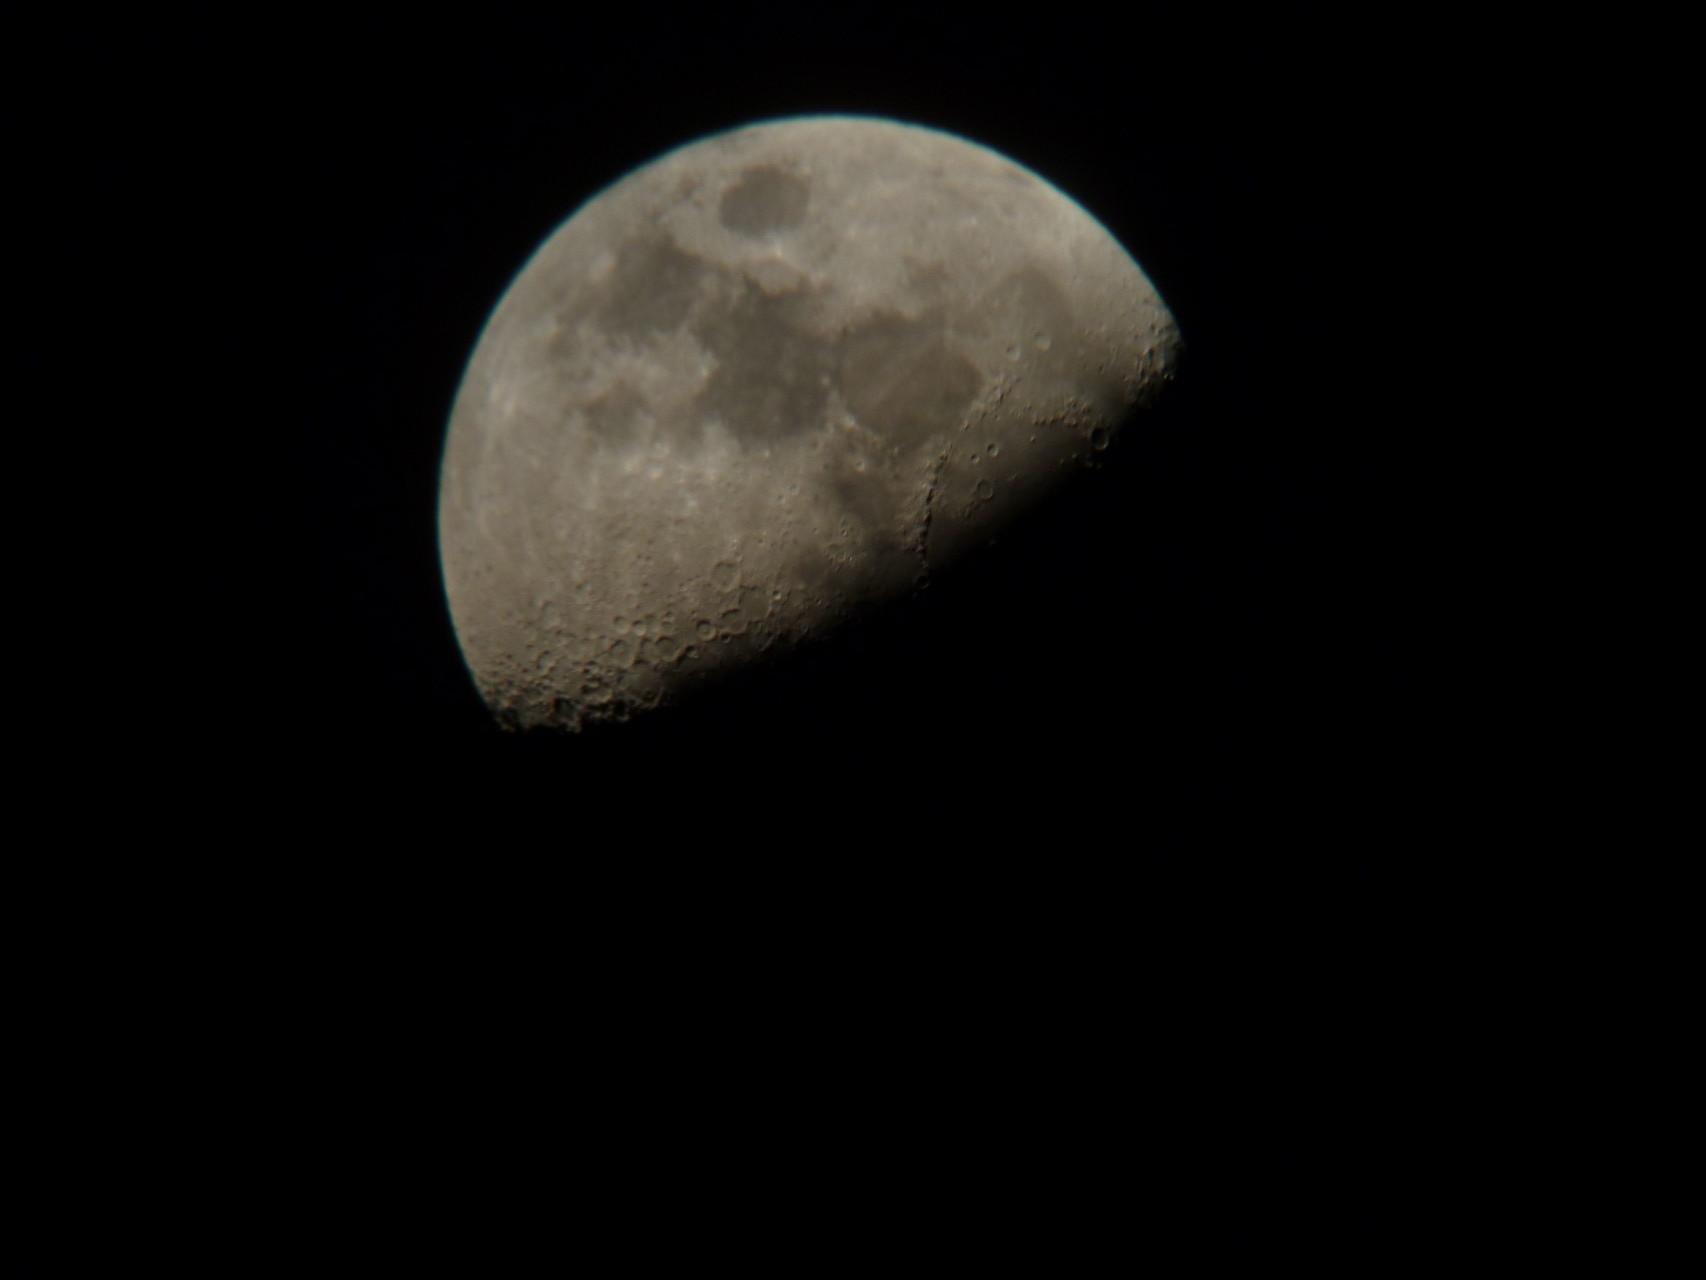 Lune prise à main levée avec APN à l'oculaire - 9 mars 2014